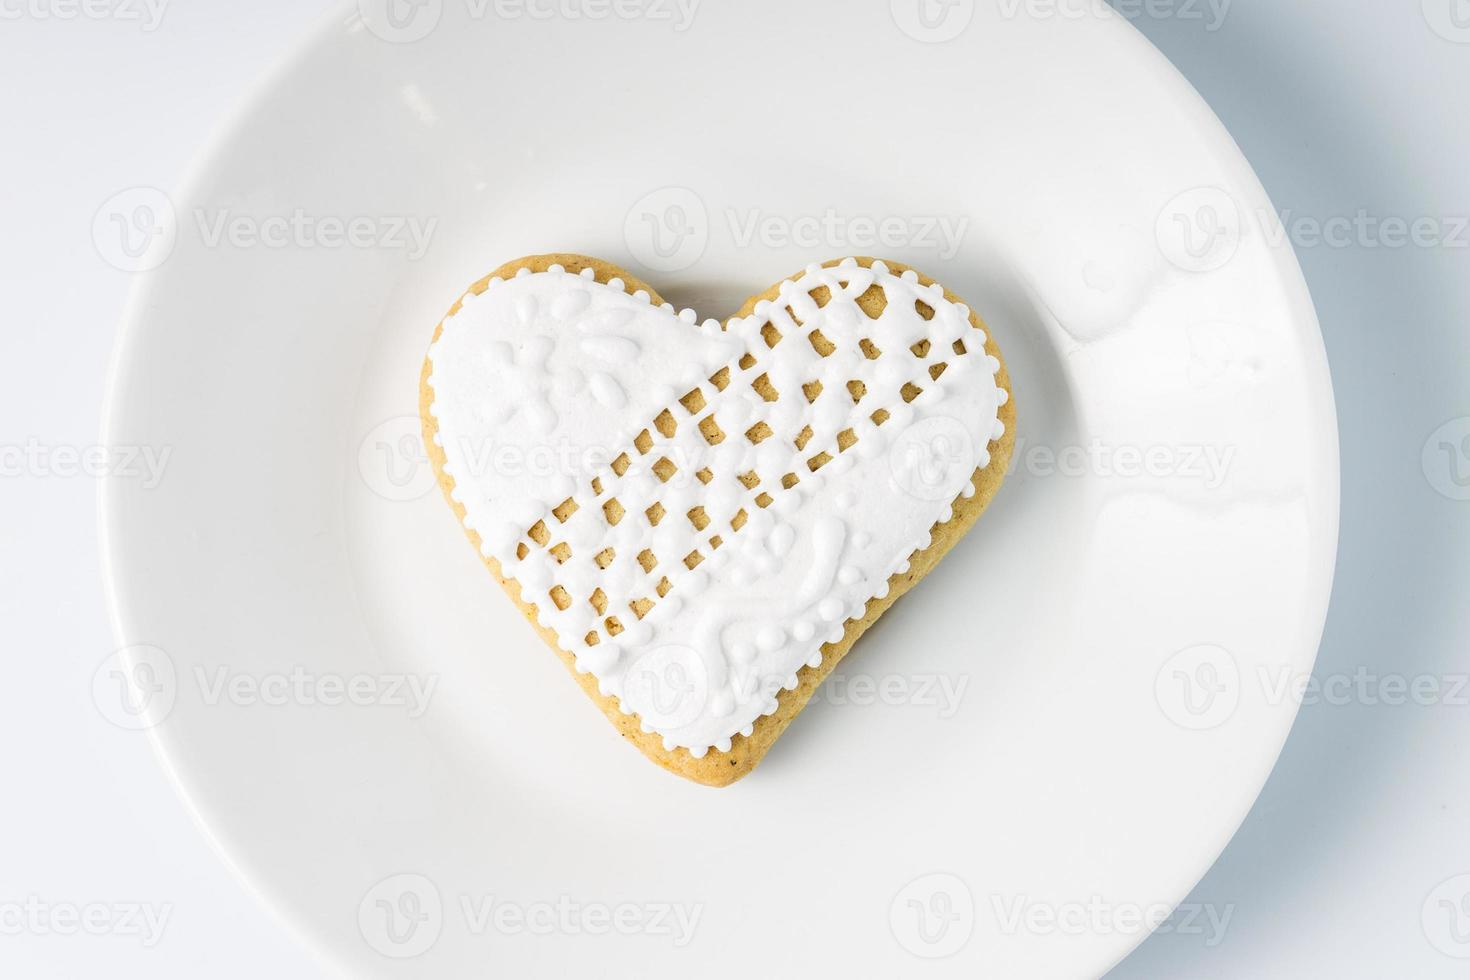 formato de coração de biscoito de gengibre. presente para o dia dos namorados foto